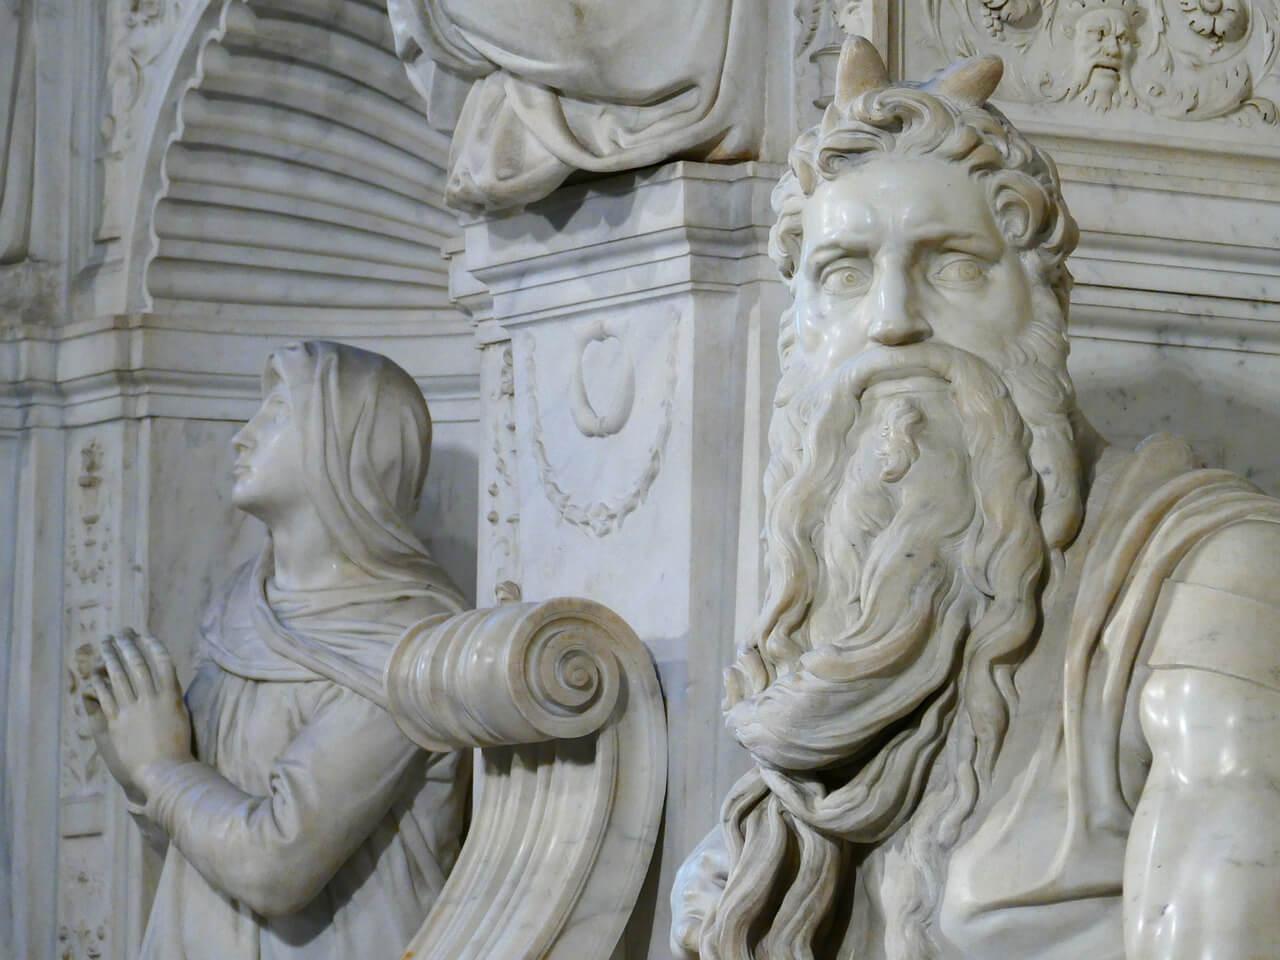 Detalle del Moisés de Miguel Ángel